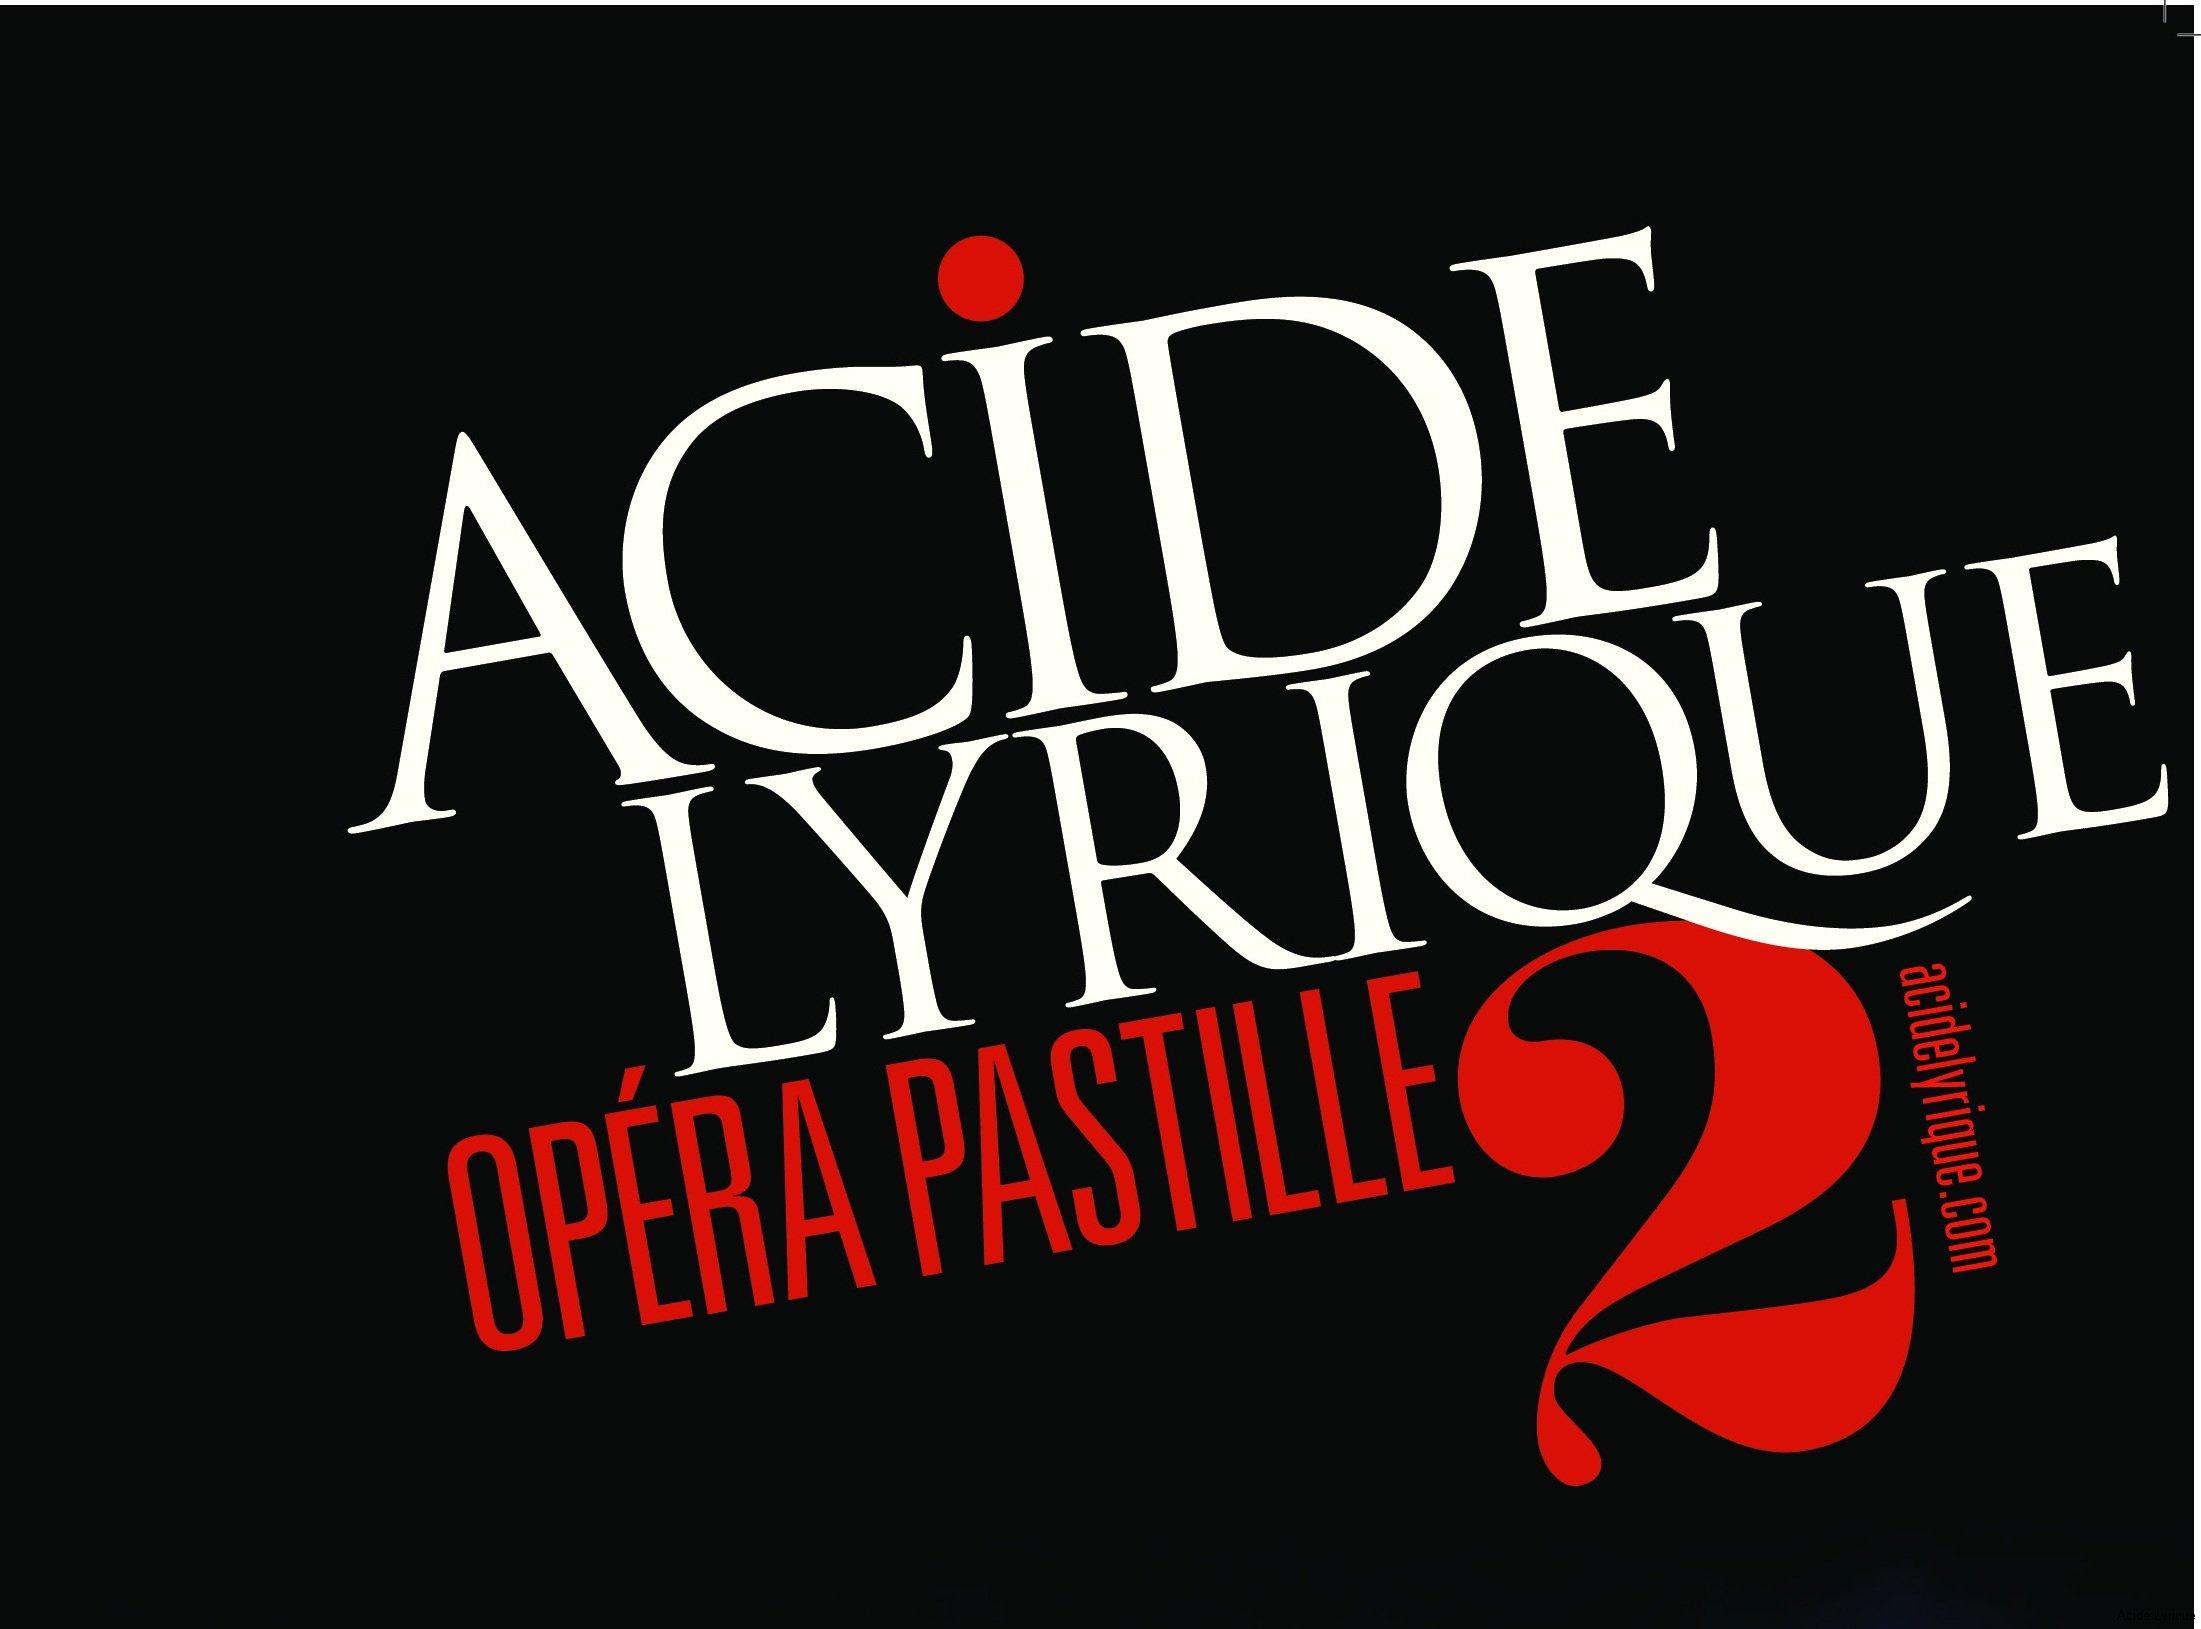 Visuel Opéra Pastille 2 © Pascal Pariselle